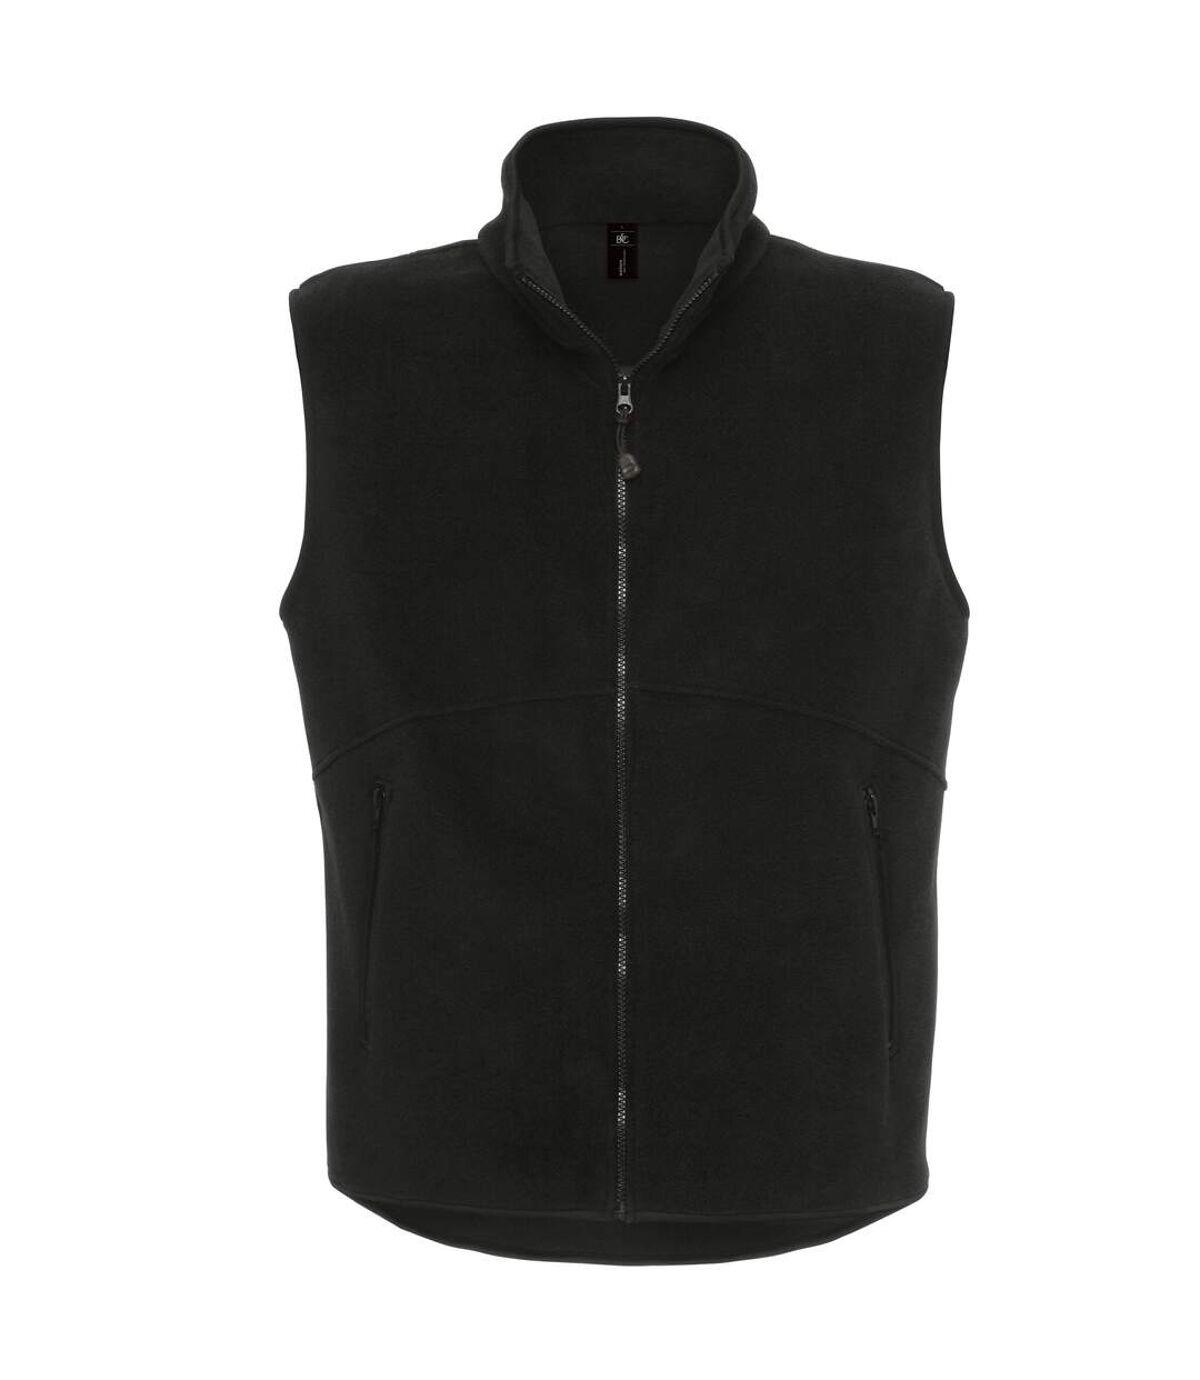 B&C Mens Traveller+ Full Zip Sleeveless Fleece Top (Black) - UTRW3032